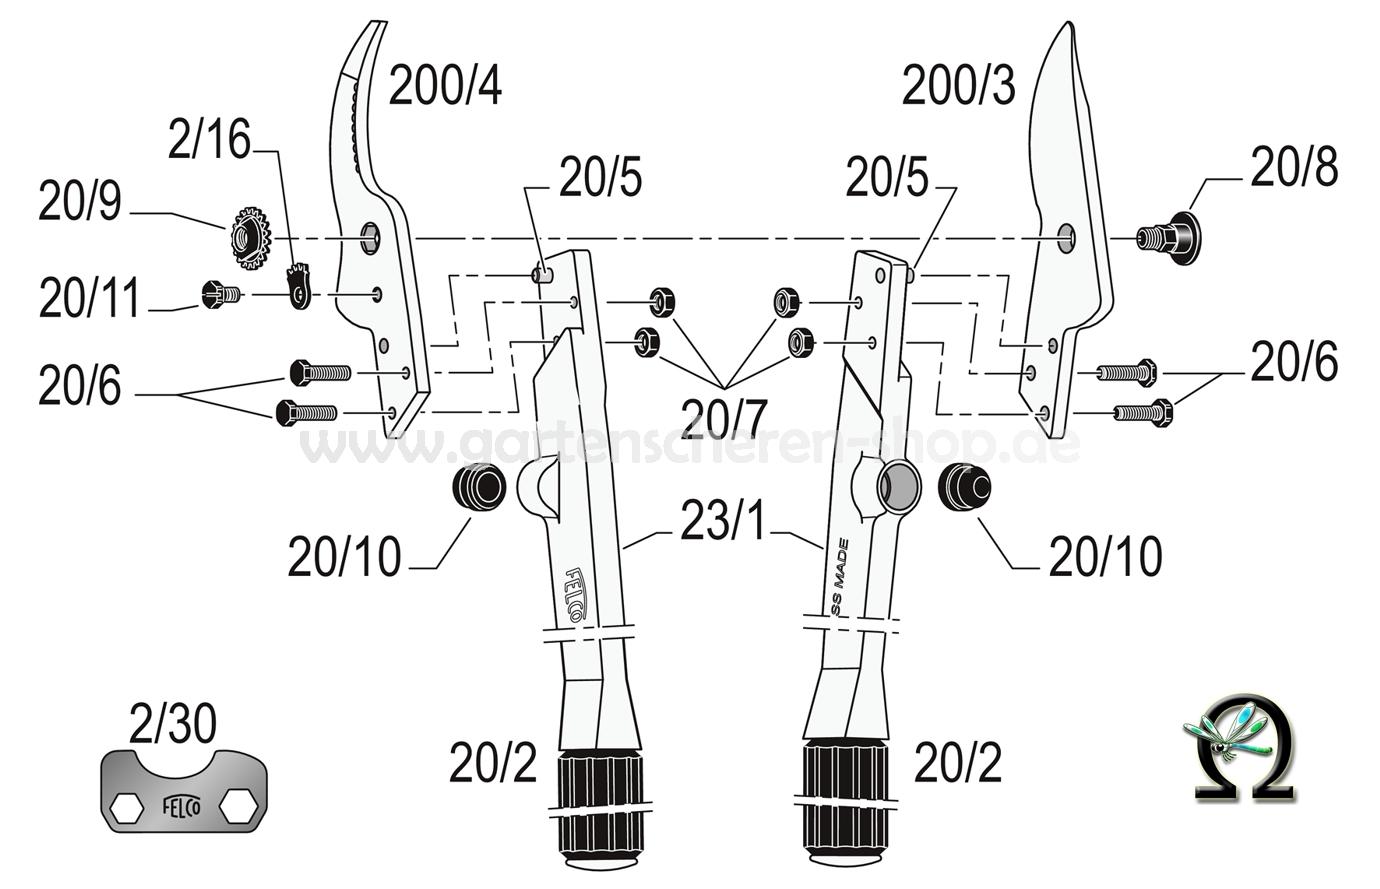 Baumschere Felco 23, Explosionszeichnung